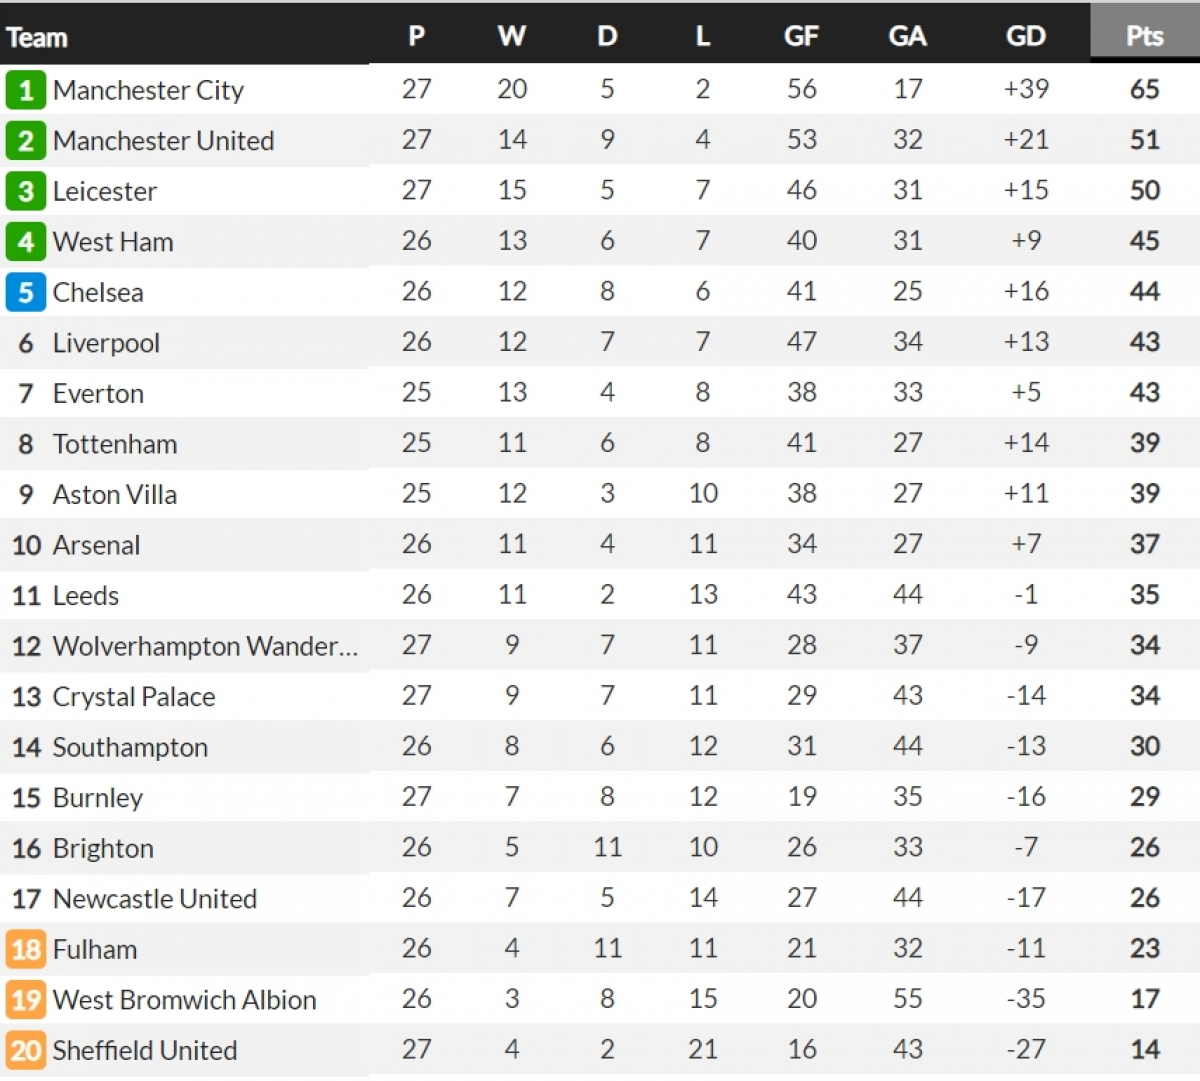 Sau trận hòa 1-1 trên sân Turf Moor, Leicester vẫn kém MU 1 điểm còn Burnley tạm thời nới rộng cách biệt với nhóm xuống hạng lên thành 6 điểm.